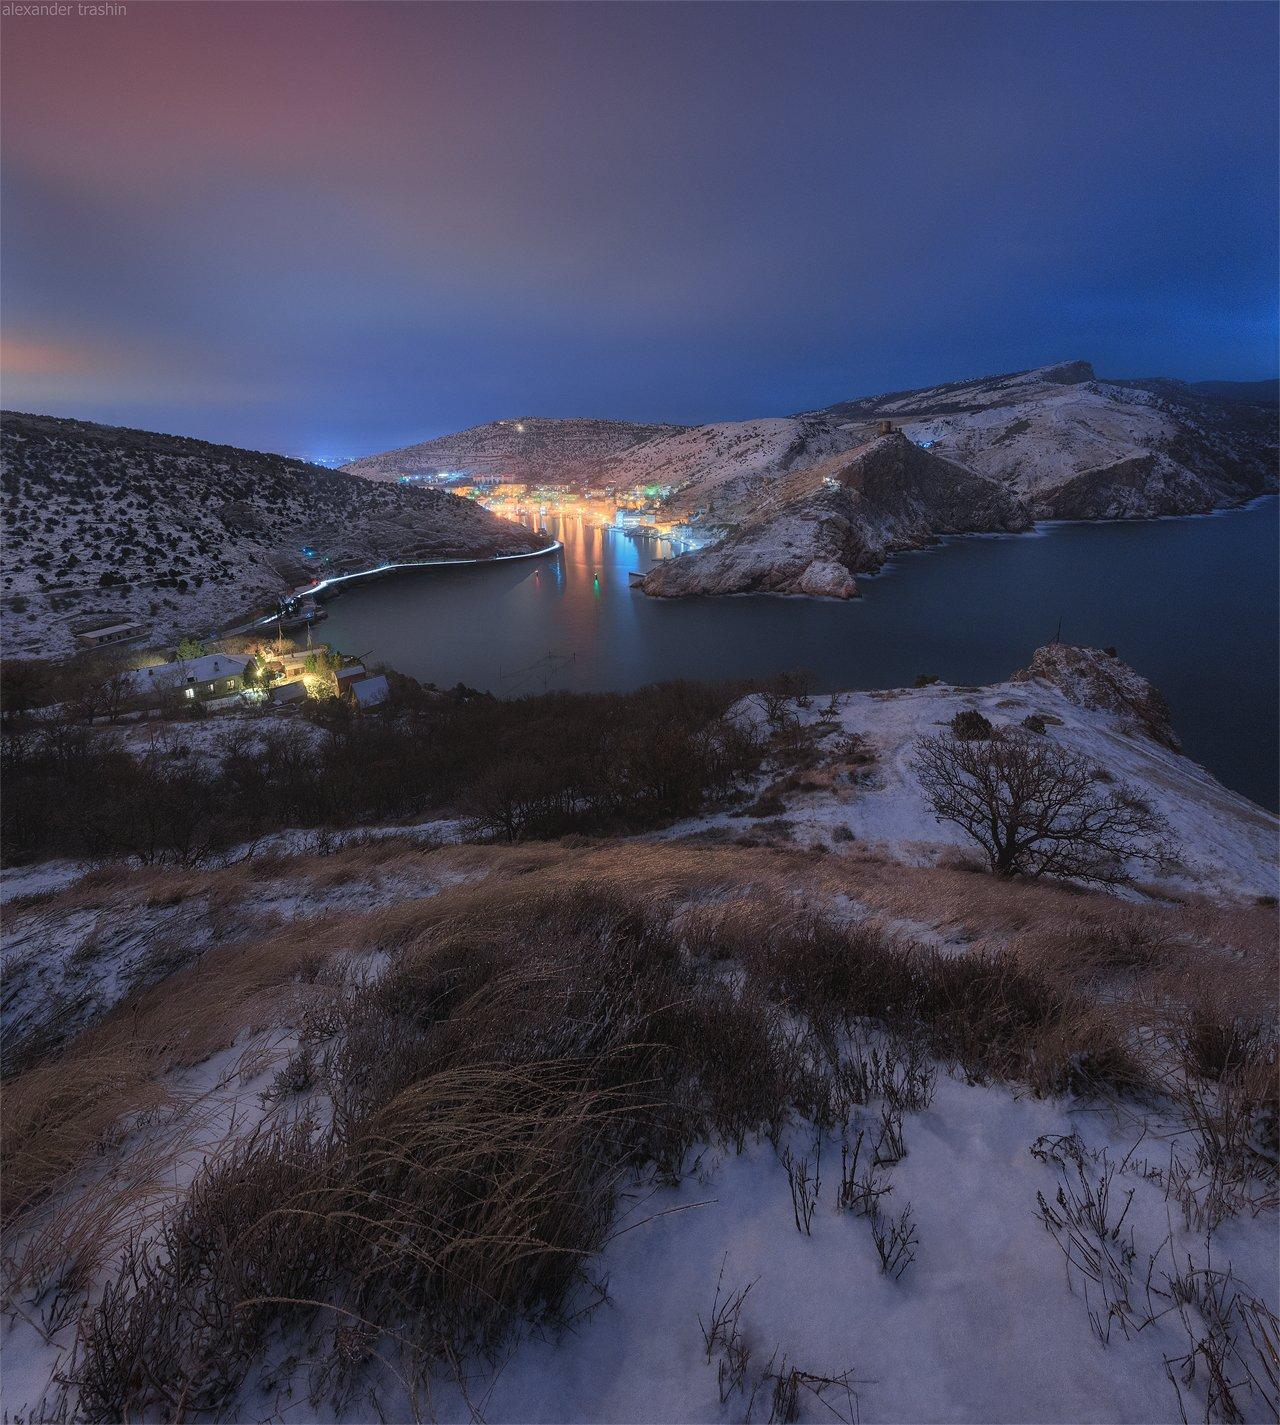 крым, зима, балаклава, пейзаж, Александр Трашин